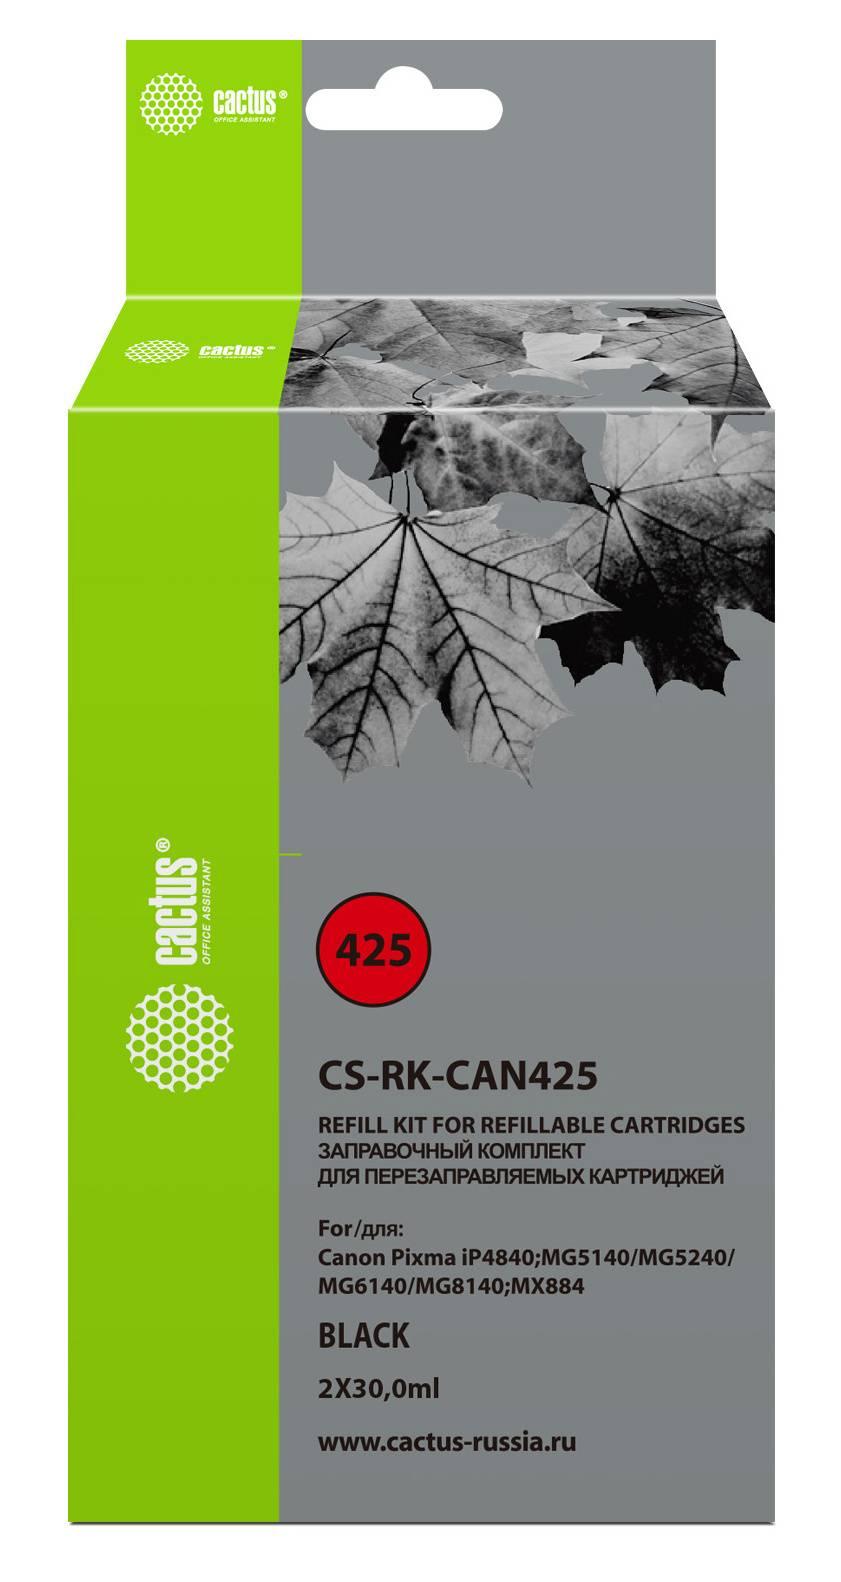 Заправка для ПЗК Cactus CS-RK-CAN425 черный 2xфл. 30мл для Canon Pixma iP4840 - фото 1